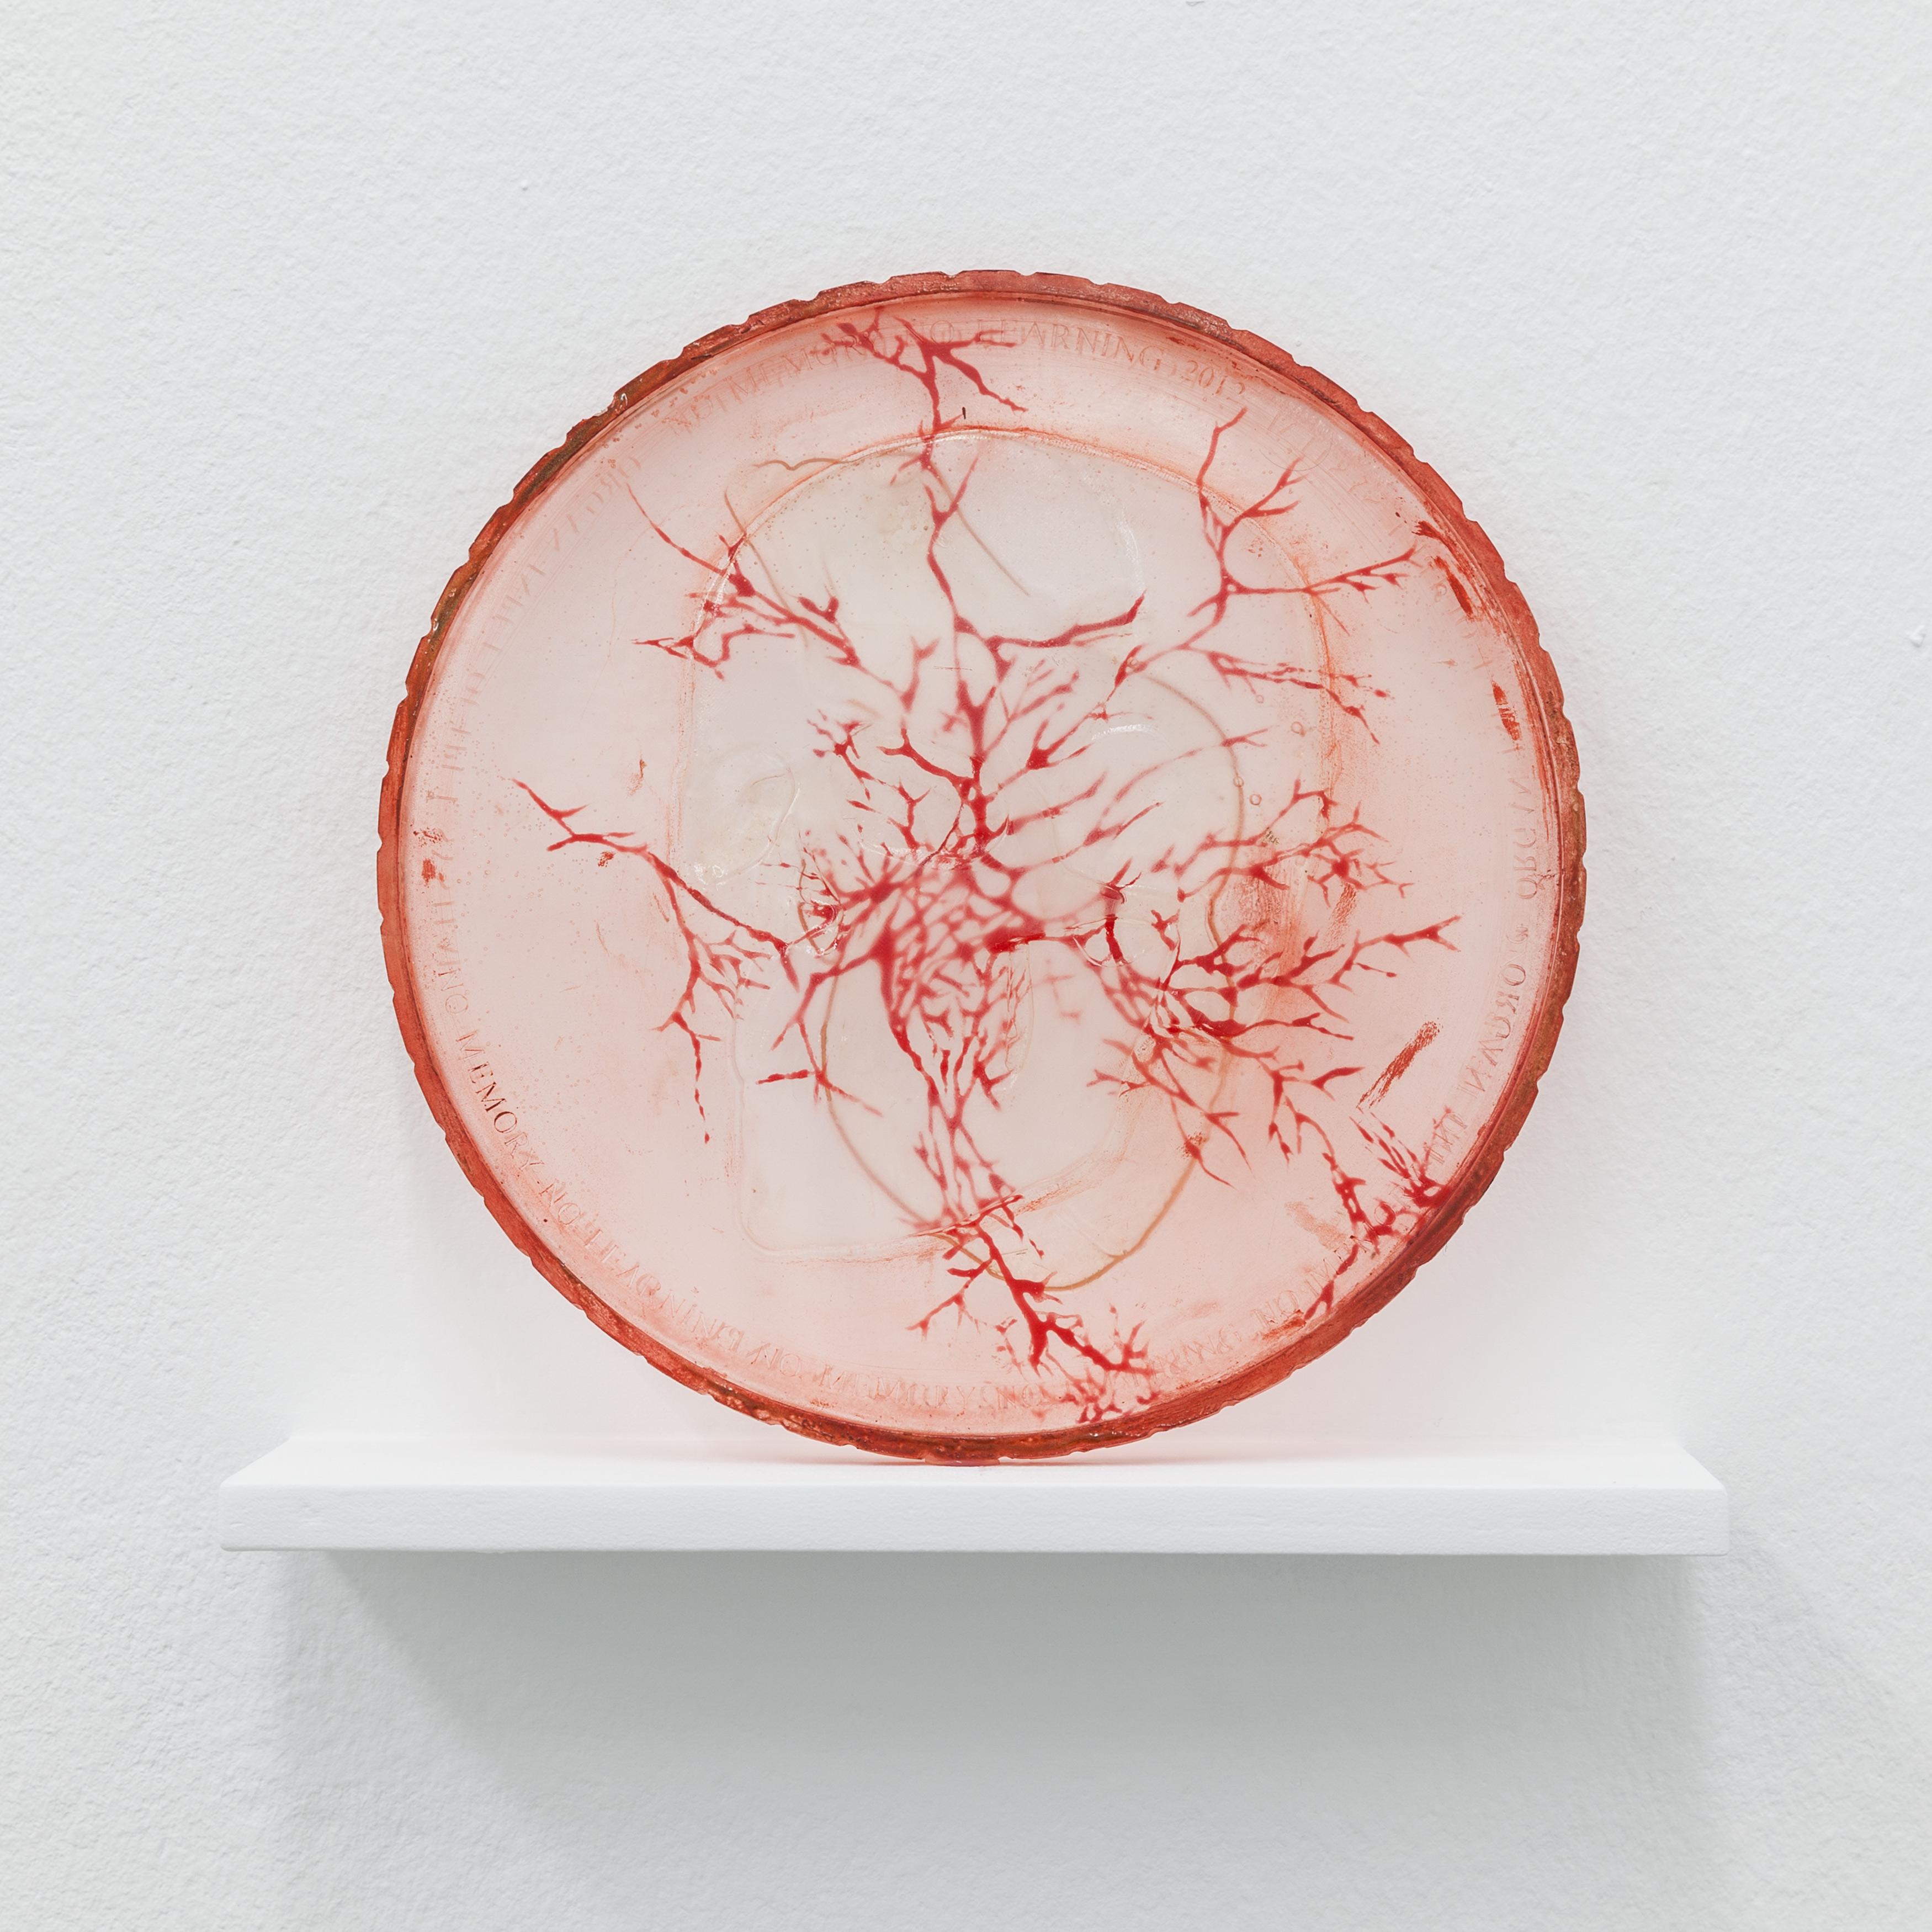 Mariechen Danz - Coin (skull/heart), 2013